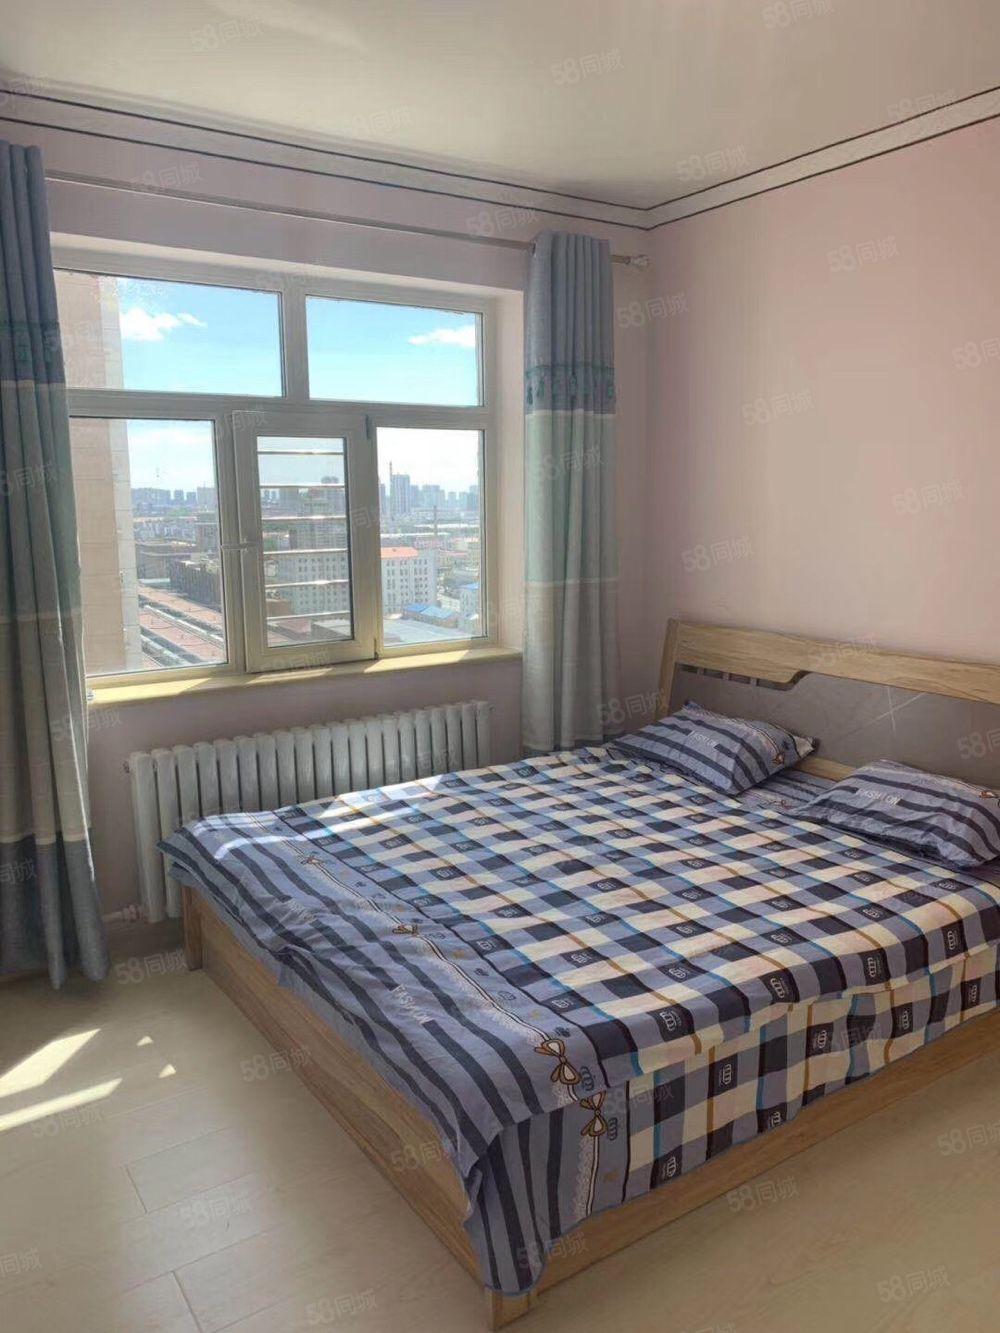 鹤城馨苑高层正21楼两室一厅,首付6万,拎包入住